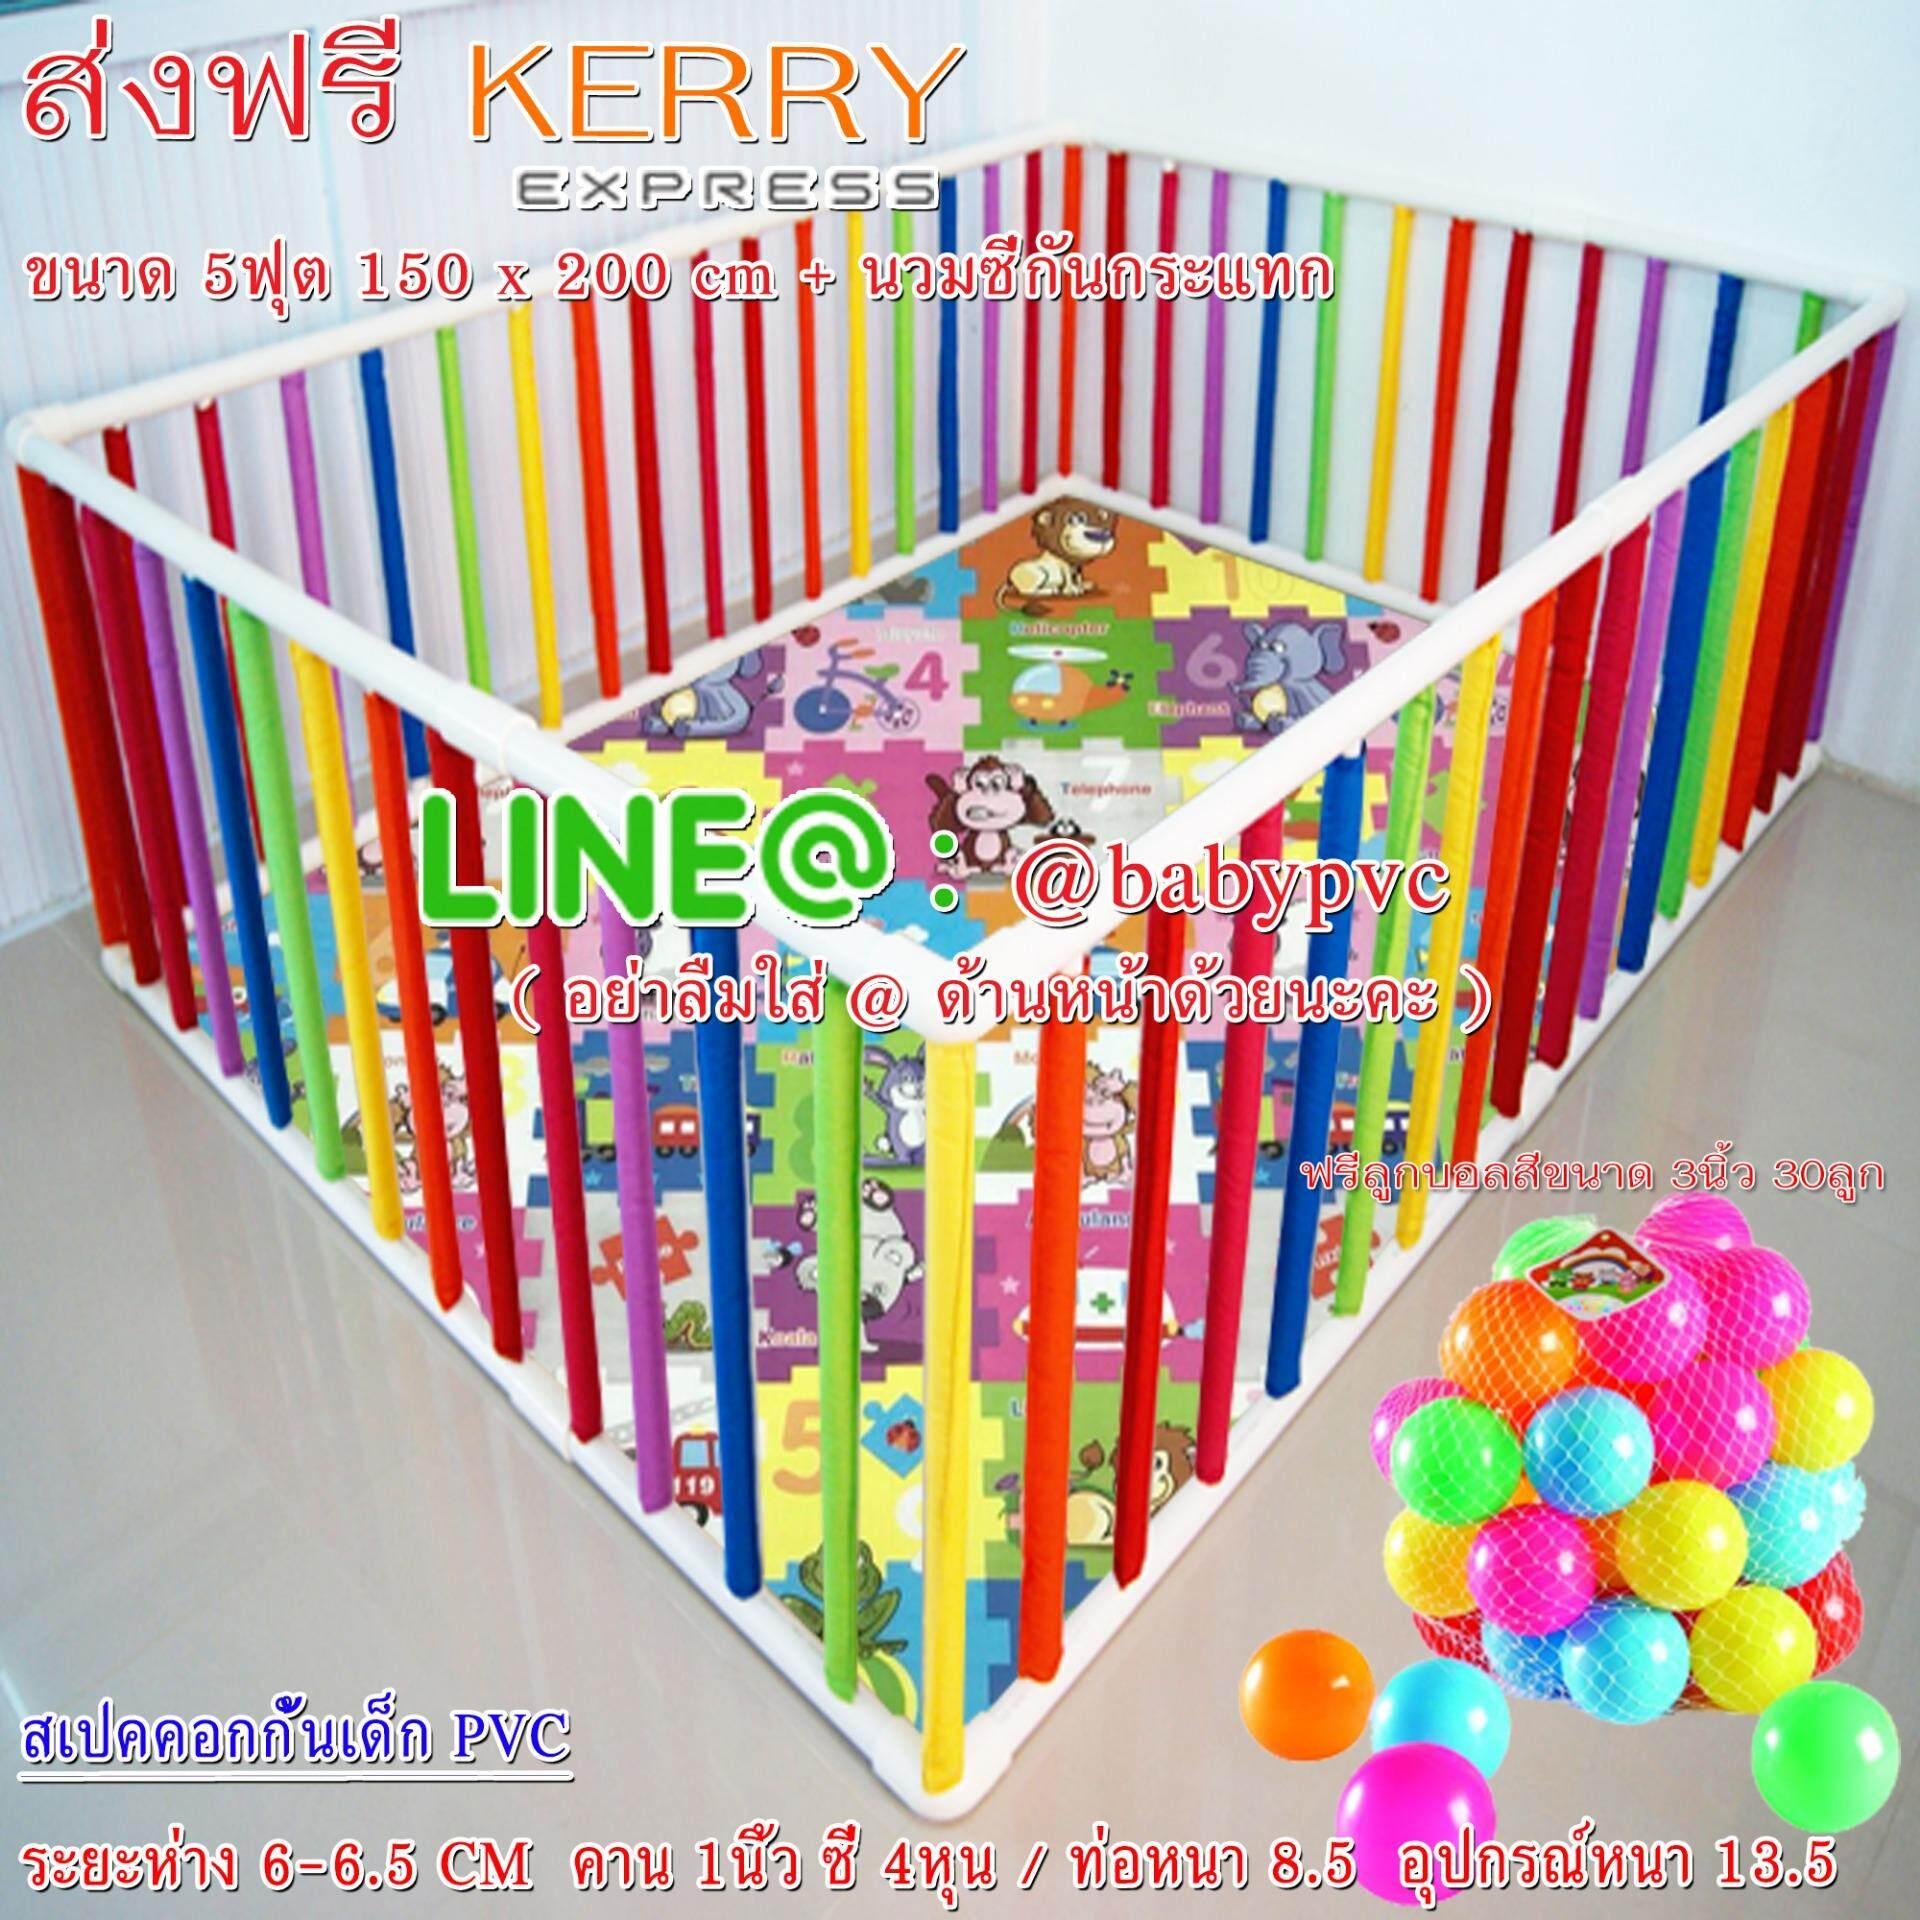 [[ ส่ง Kerry ]] คอกกั้นเด็ก สีขาว + นวมซี่สีรุ้ง ขนาด 5ฟุต 150*200 Cm. สูง 60 Cm. + ลูกบอลสี 30ลูก.